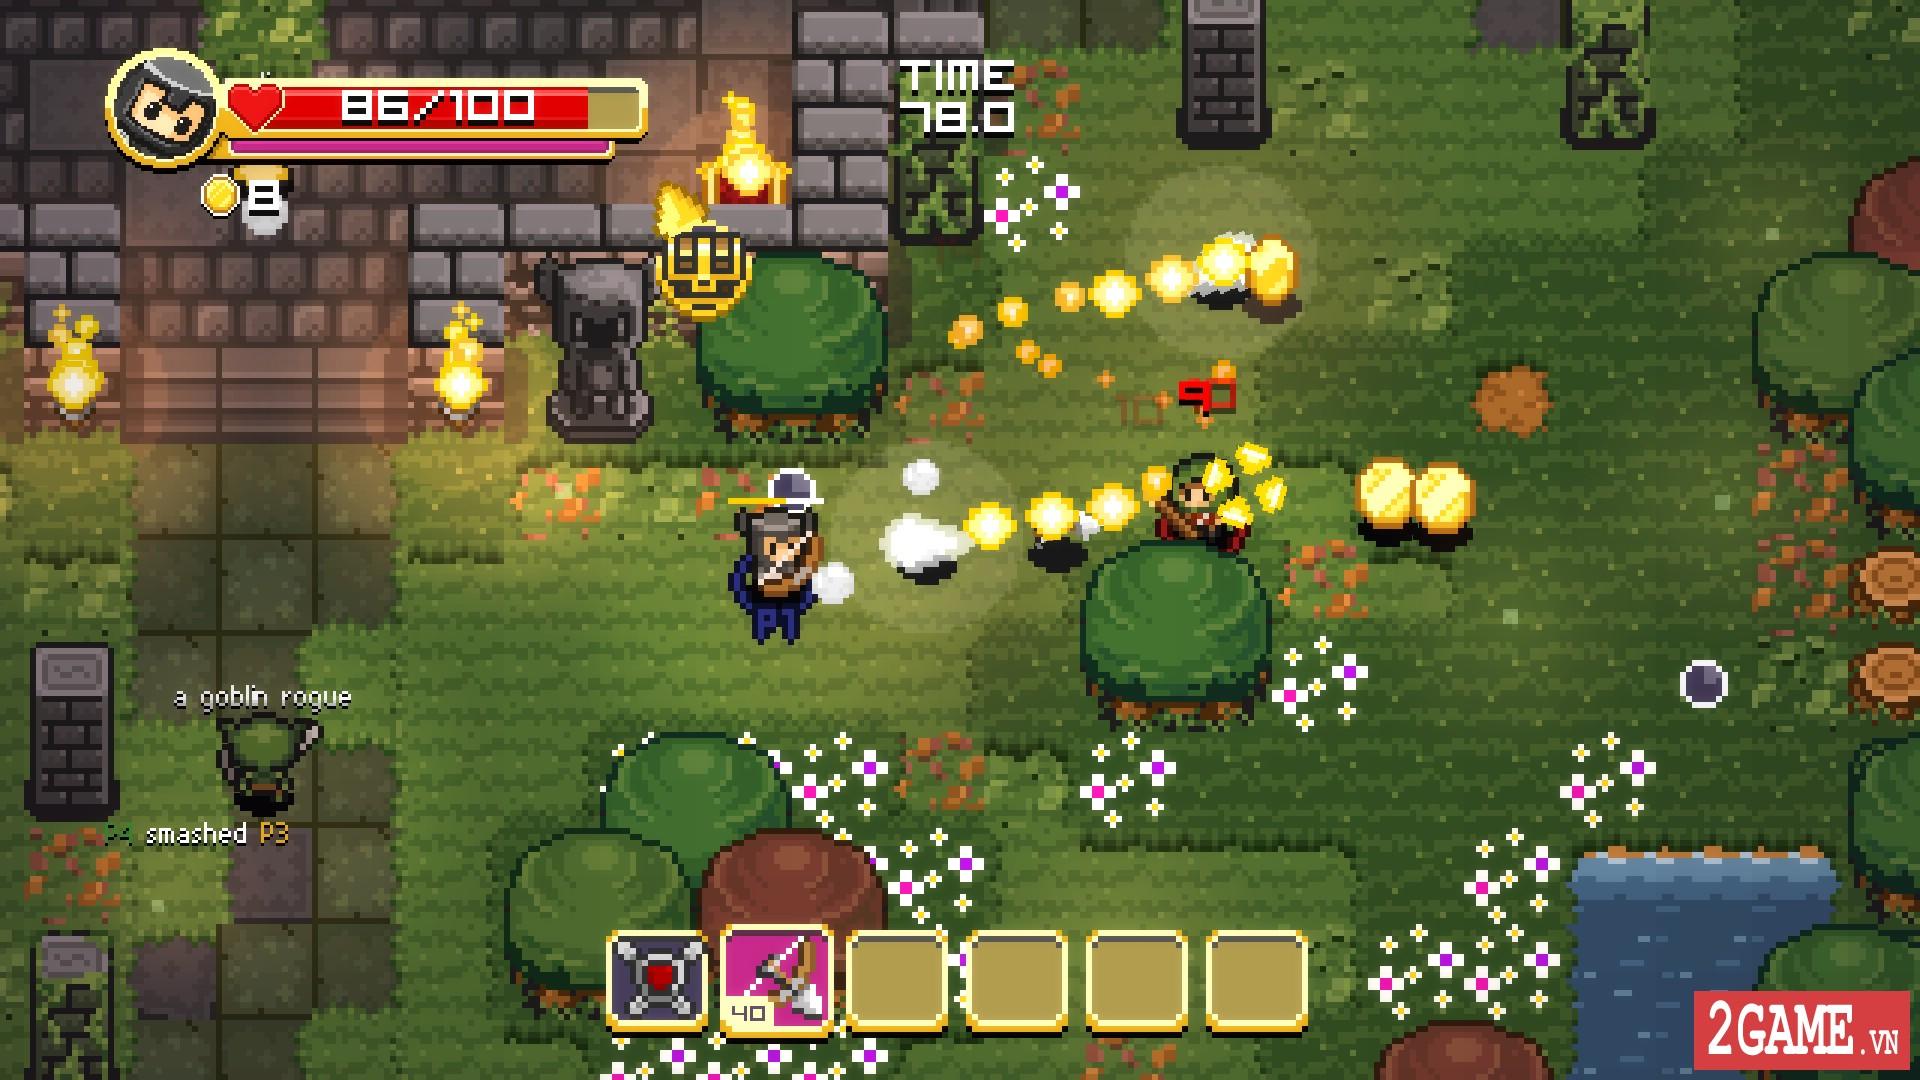 Super Treasure Arena – Game đấu trường sinh tử cực hấp dẫn mang đậm phong cách IO 3